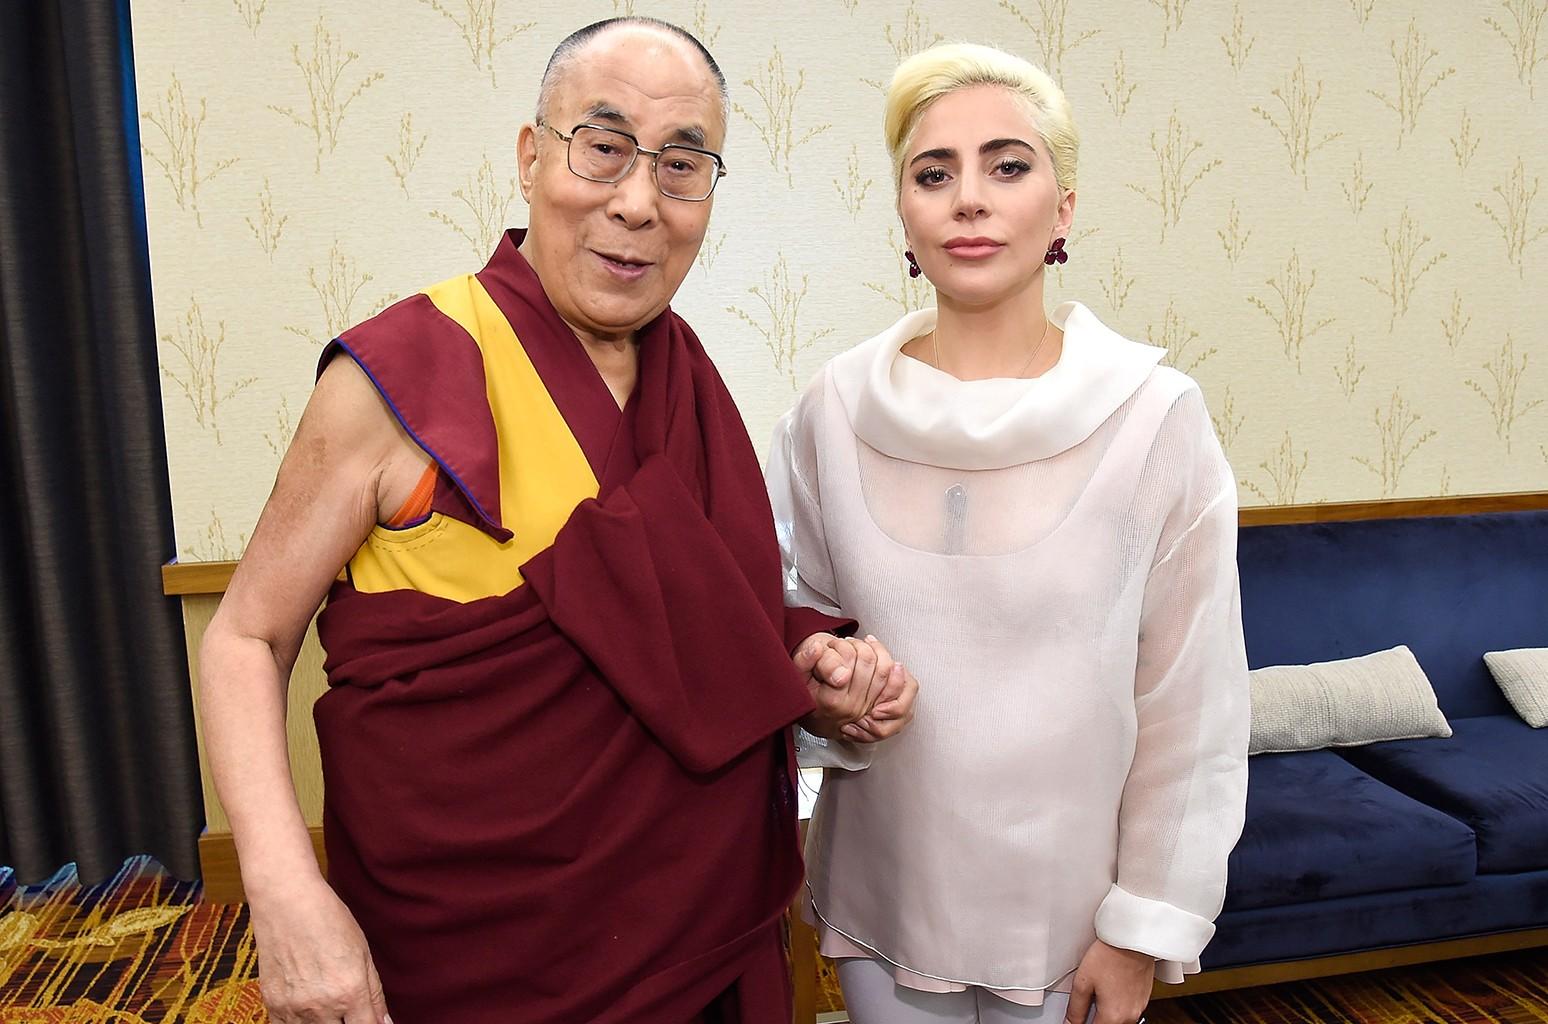 Lady Gaga joins his Holiness the Dalai Lama